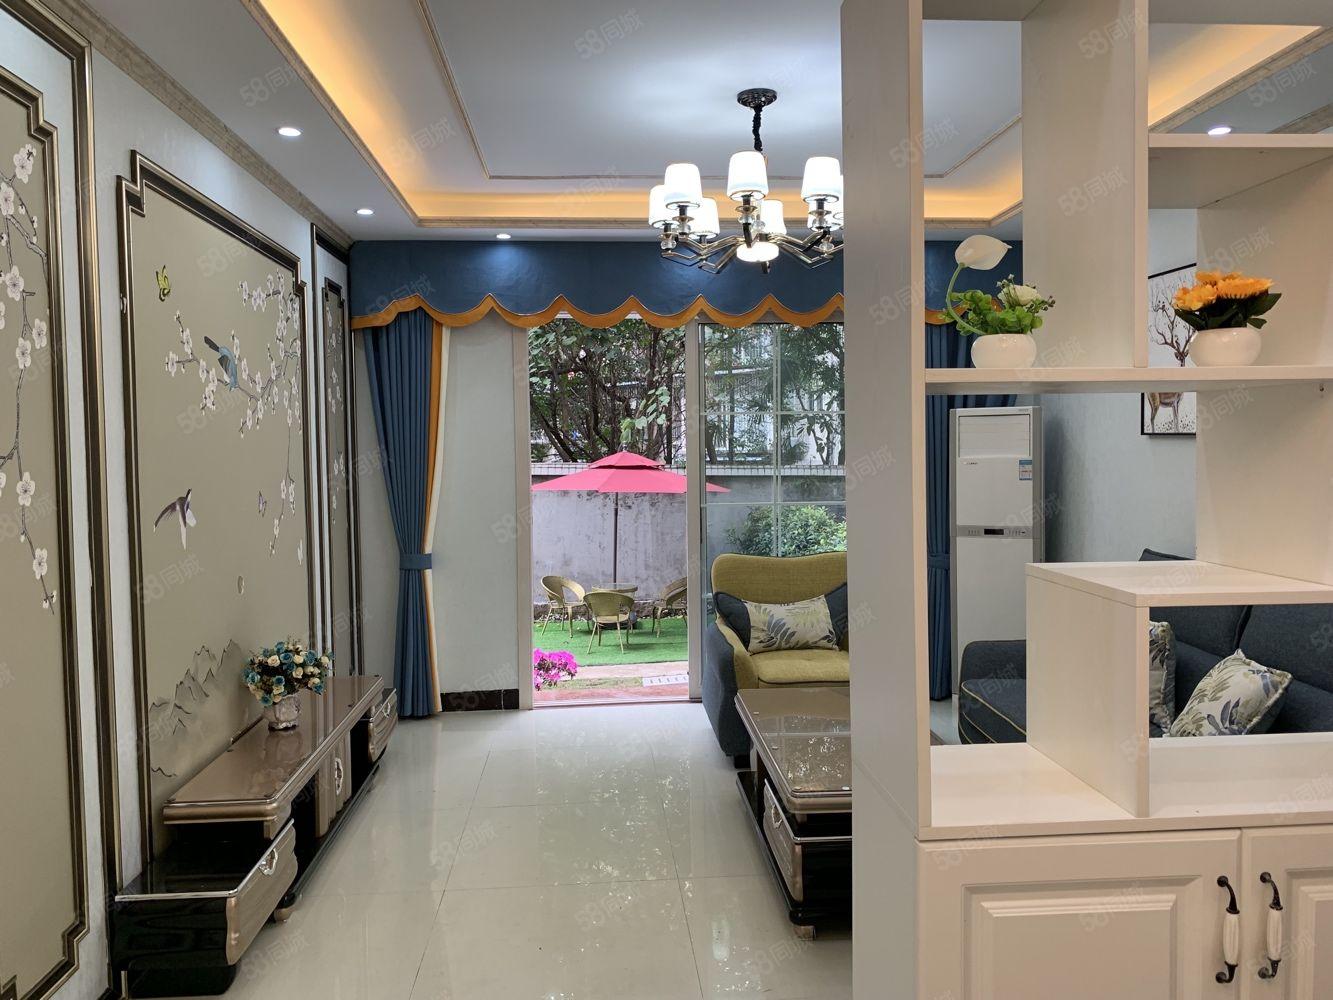 芙蓉苑一楼豪华精装带100多平米花园家具电器全齐拎包入住